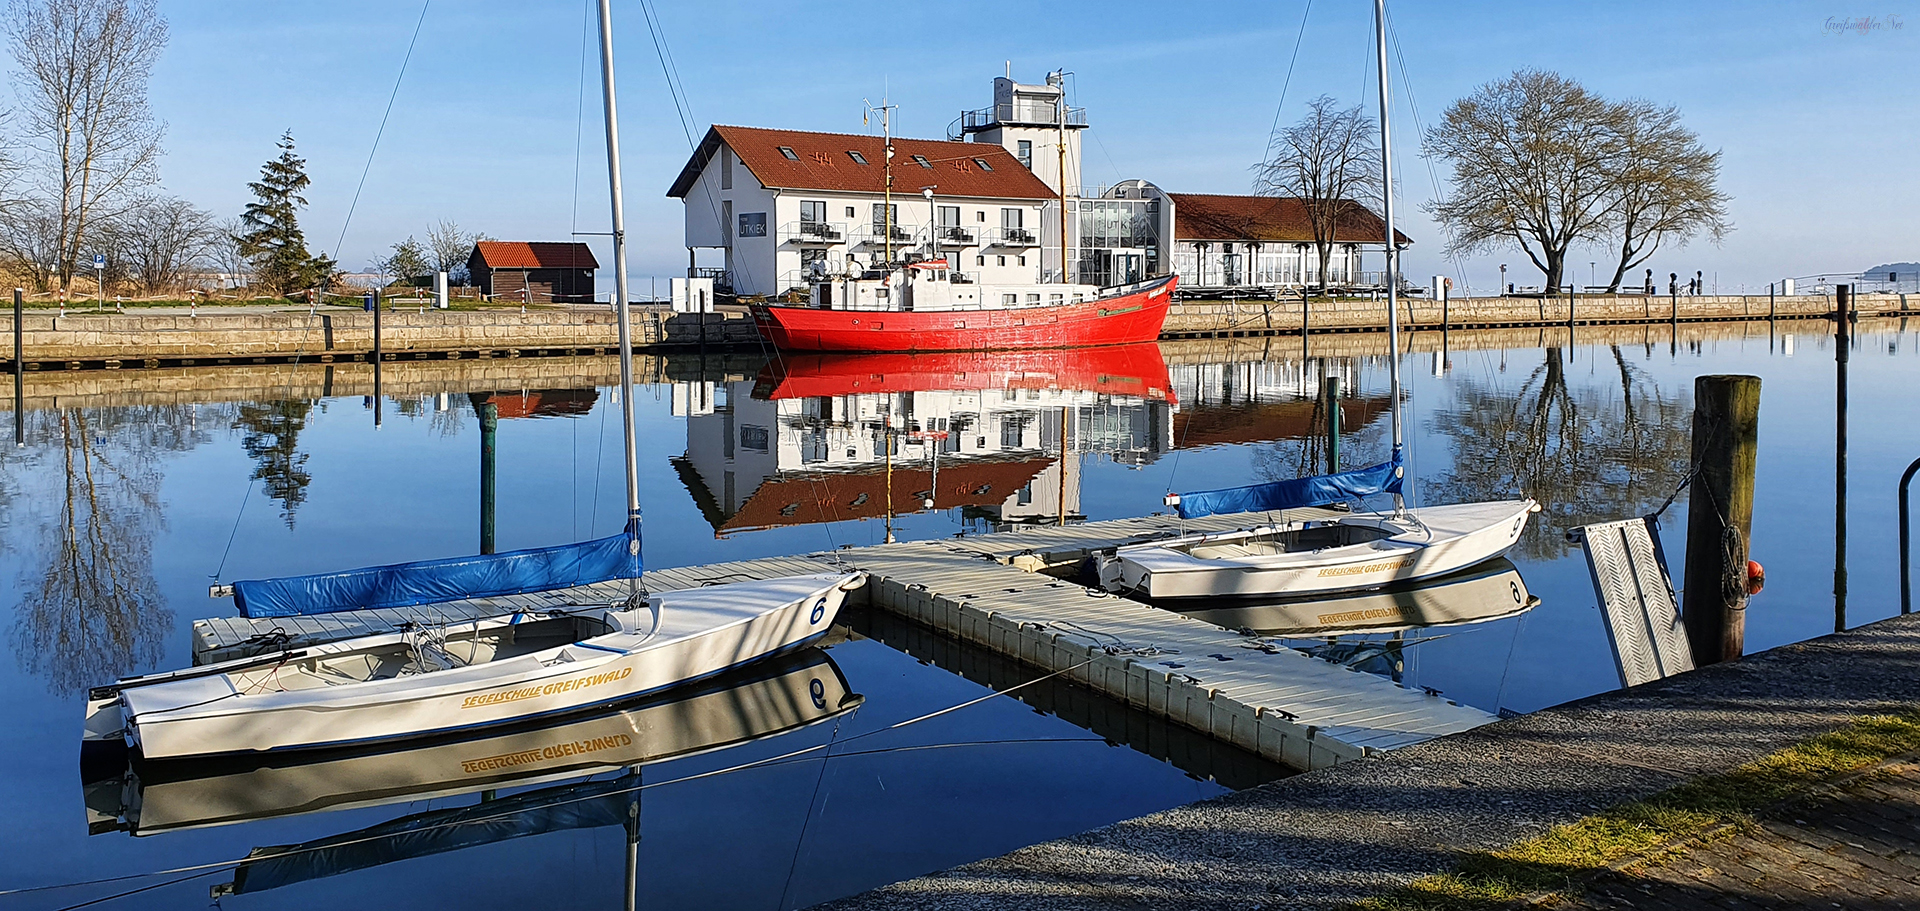 Karsamstag in Greifswald-Wieck